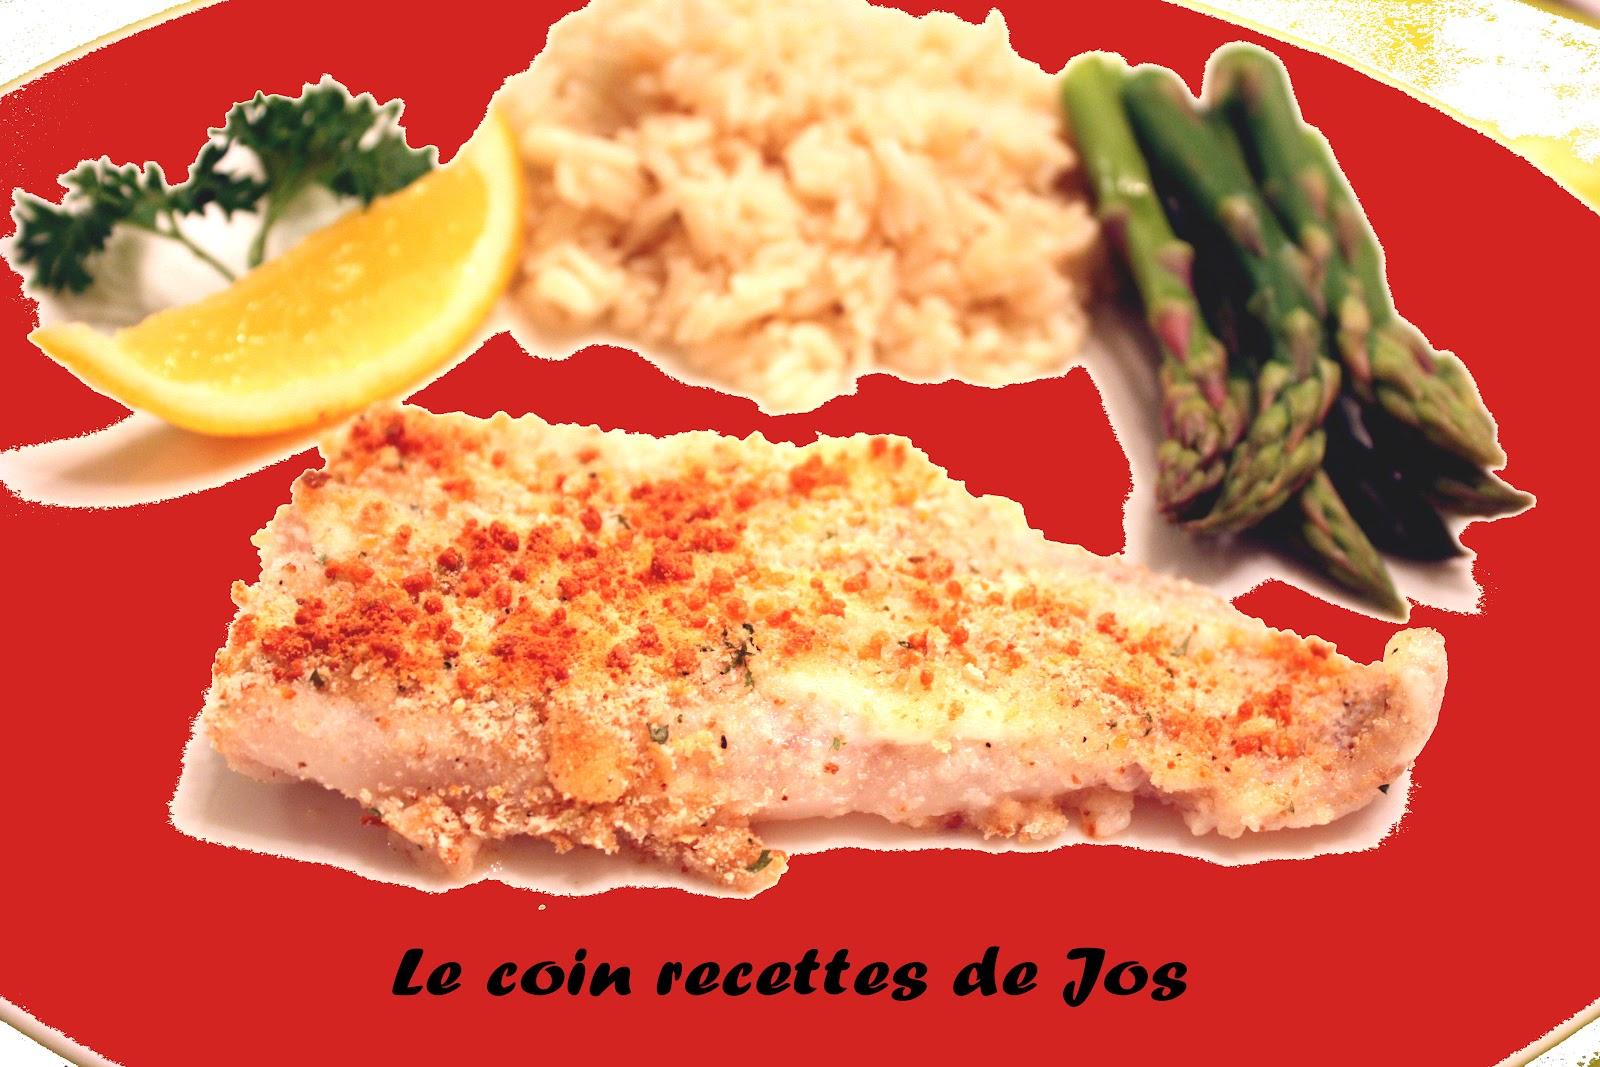 Le coin recettes de Jos: FILETS DE SOLE AU PARMESAN